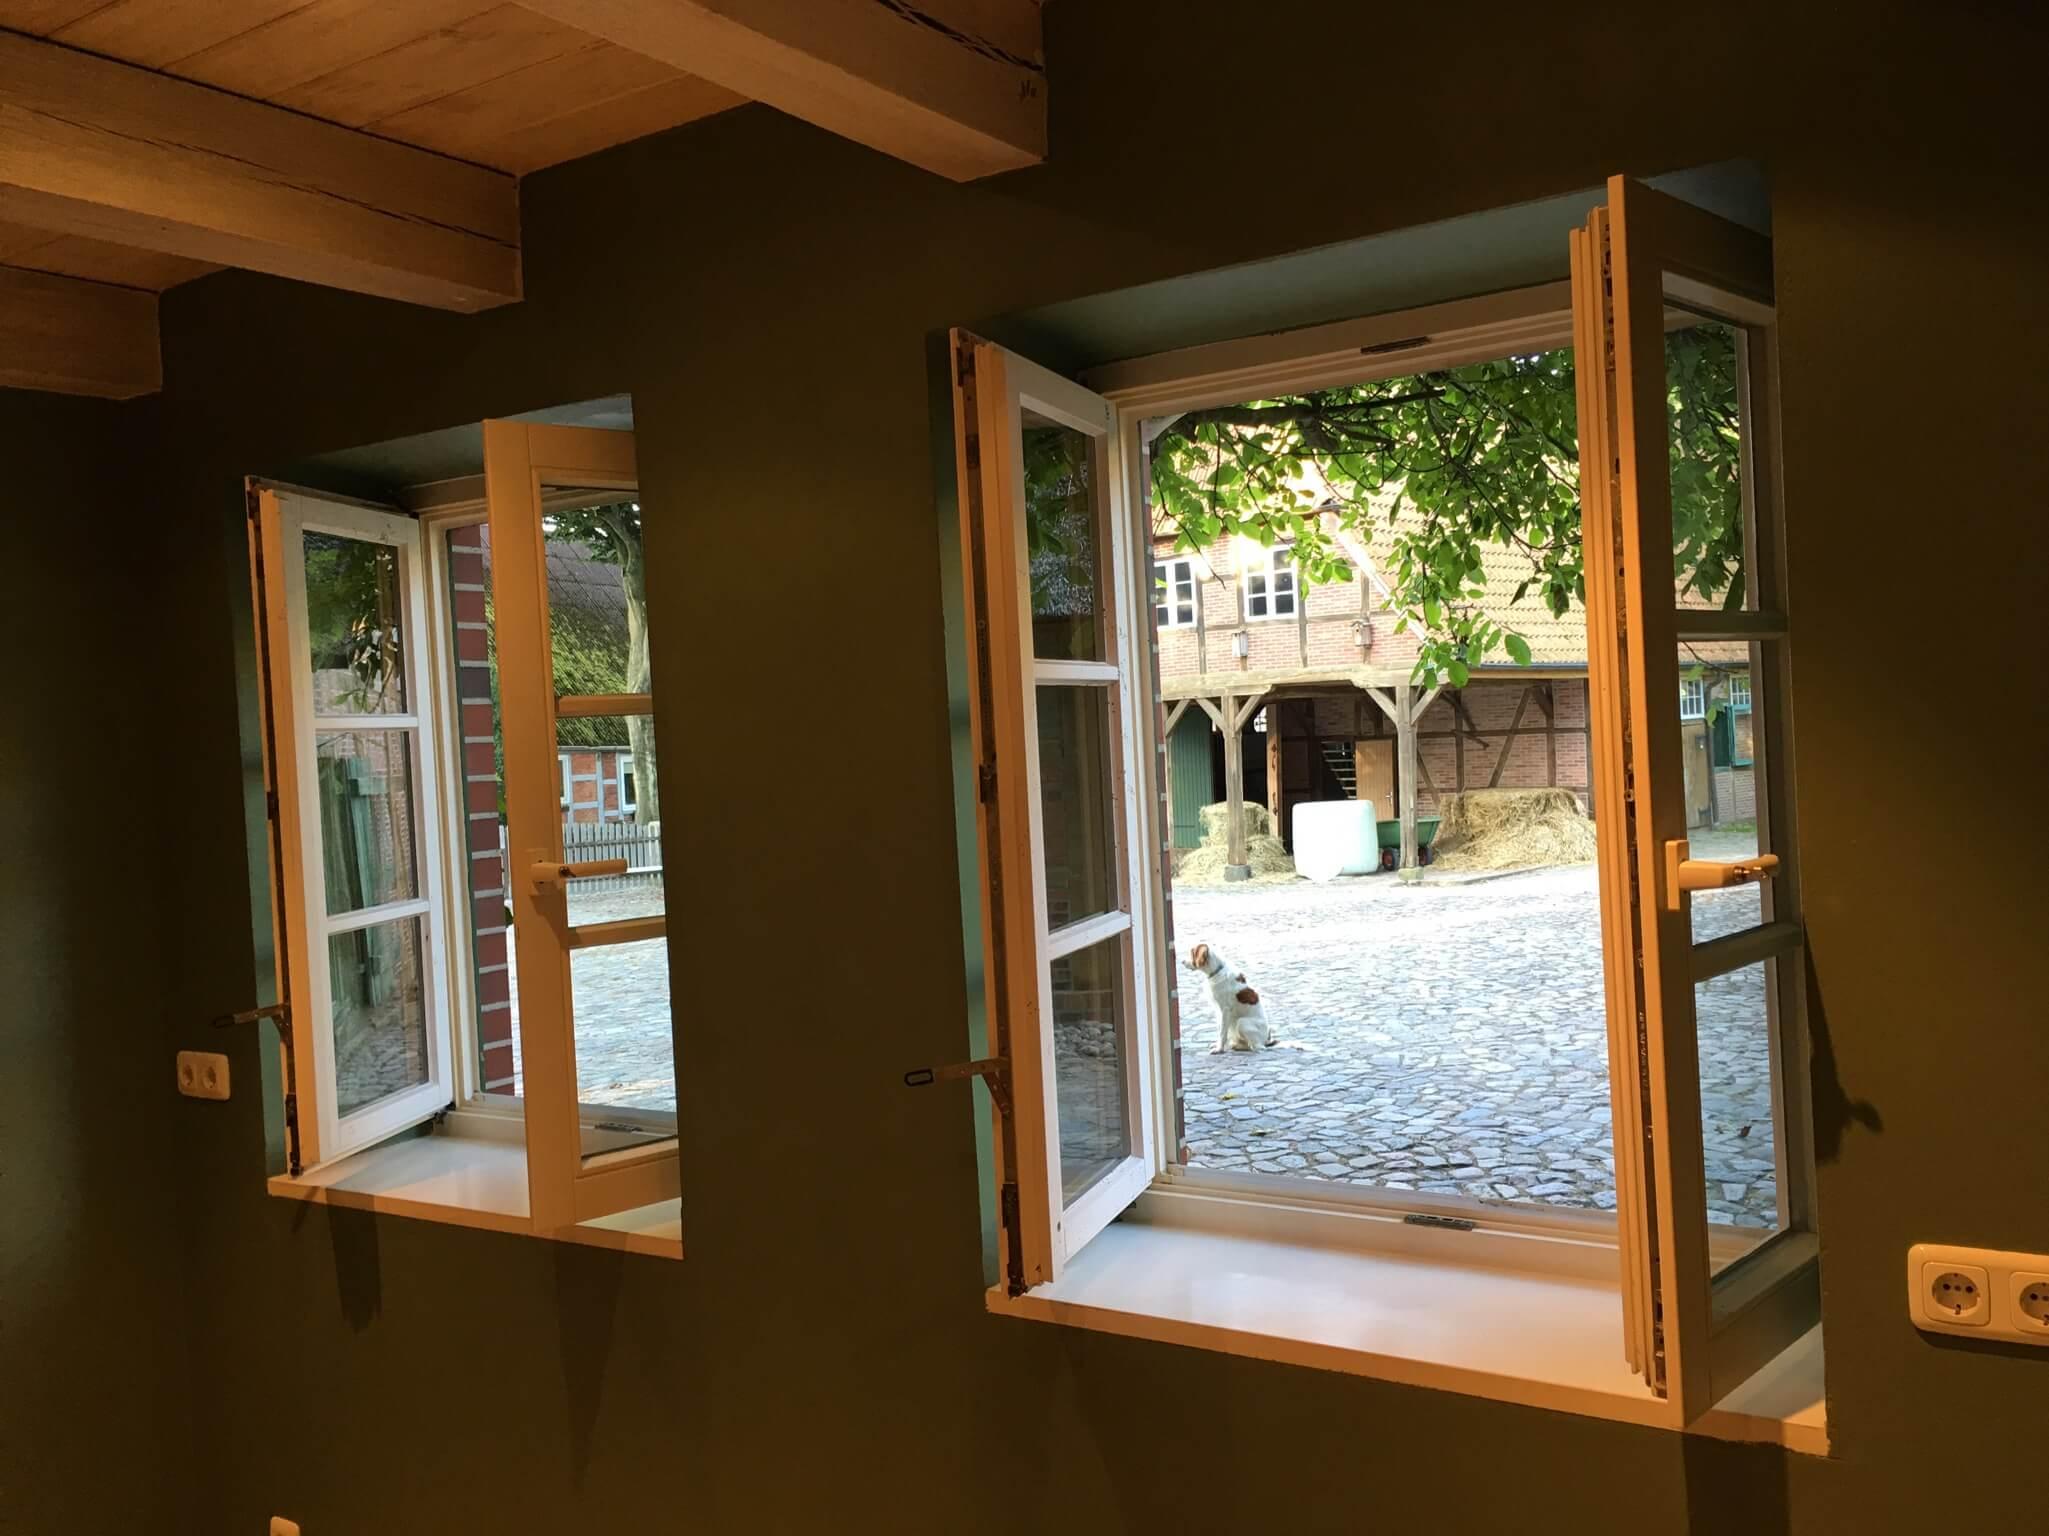 Blick auf die Hofstelle des Reiterhofs aus der Ferienwohnung Moritz